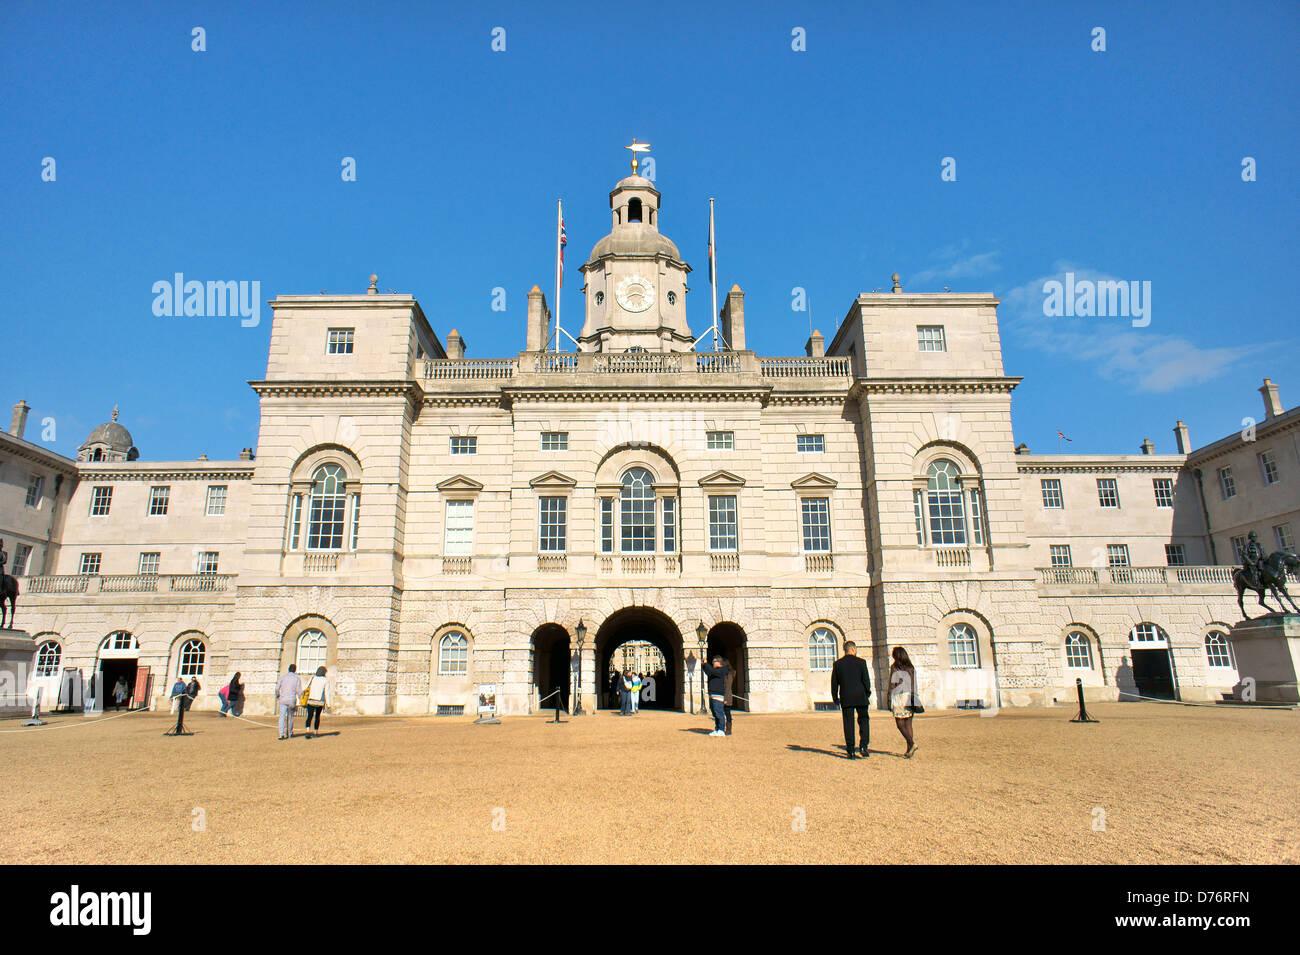 Horse Guards. Palladio-Stil Gebäude, Whitehall, London. Von Horse Guards Parade gesehen Stockbild